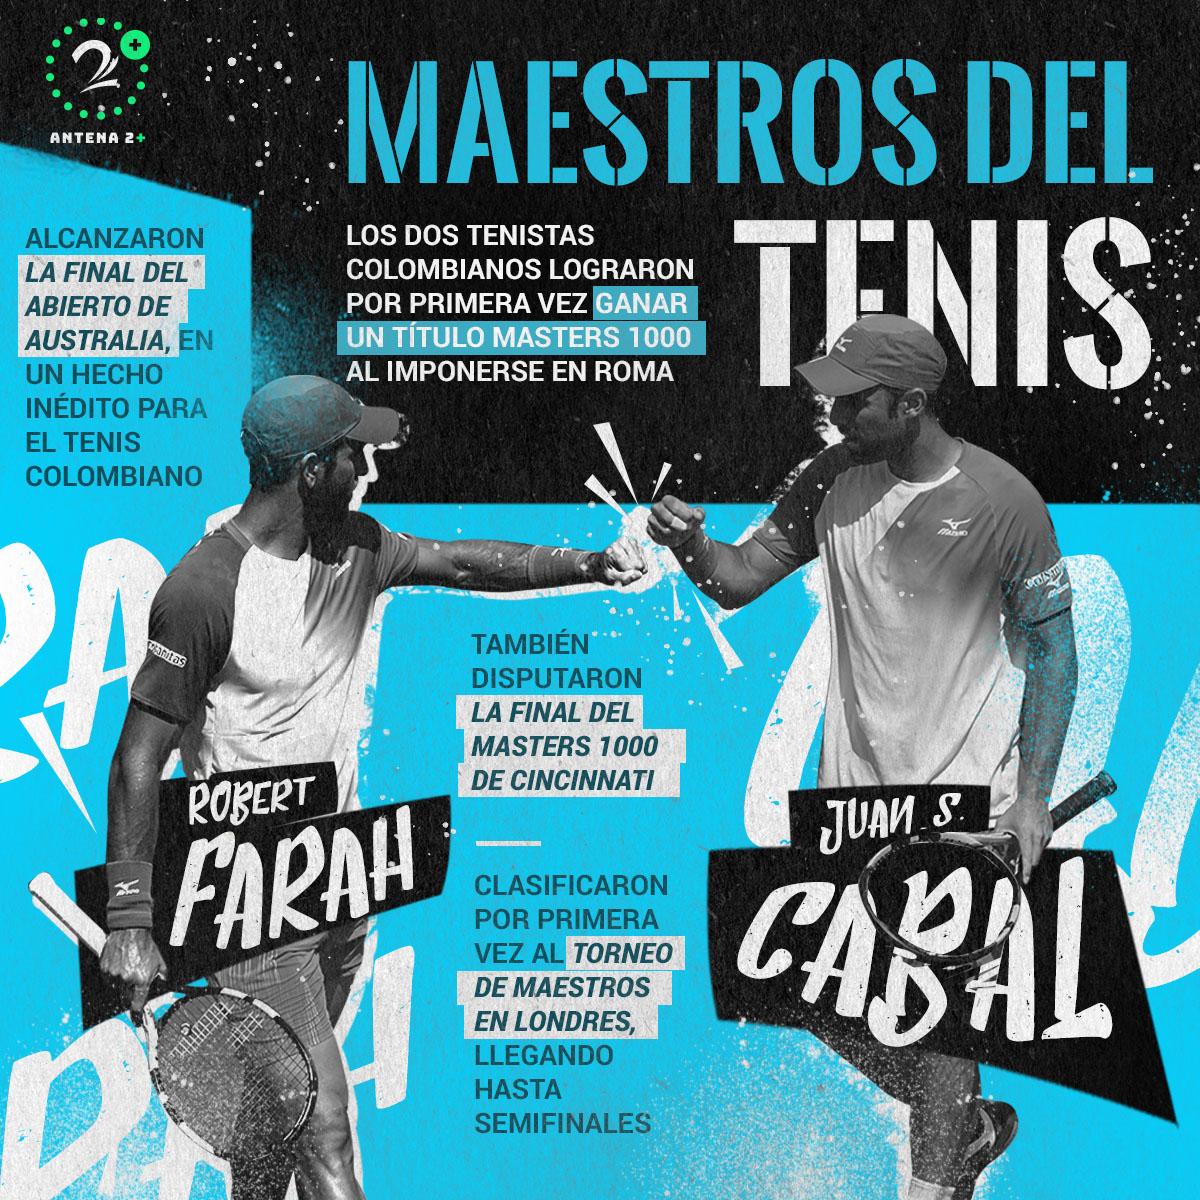 Robert Farah y Juan Sebastián Cabal, en el segundo lugar entre los destacados del año en Colombia